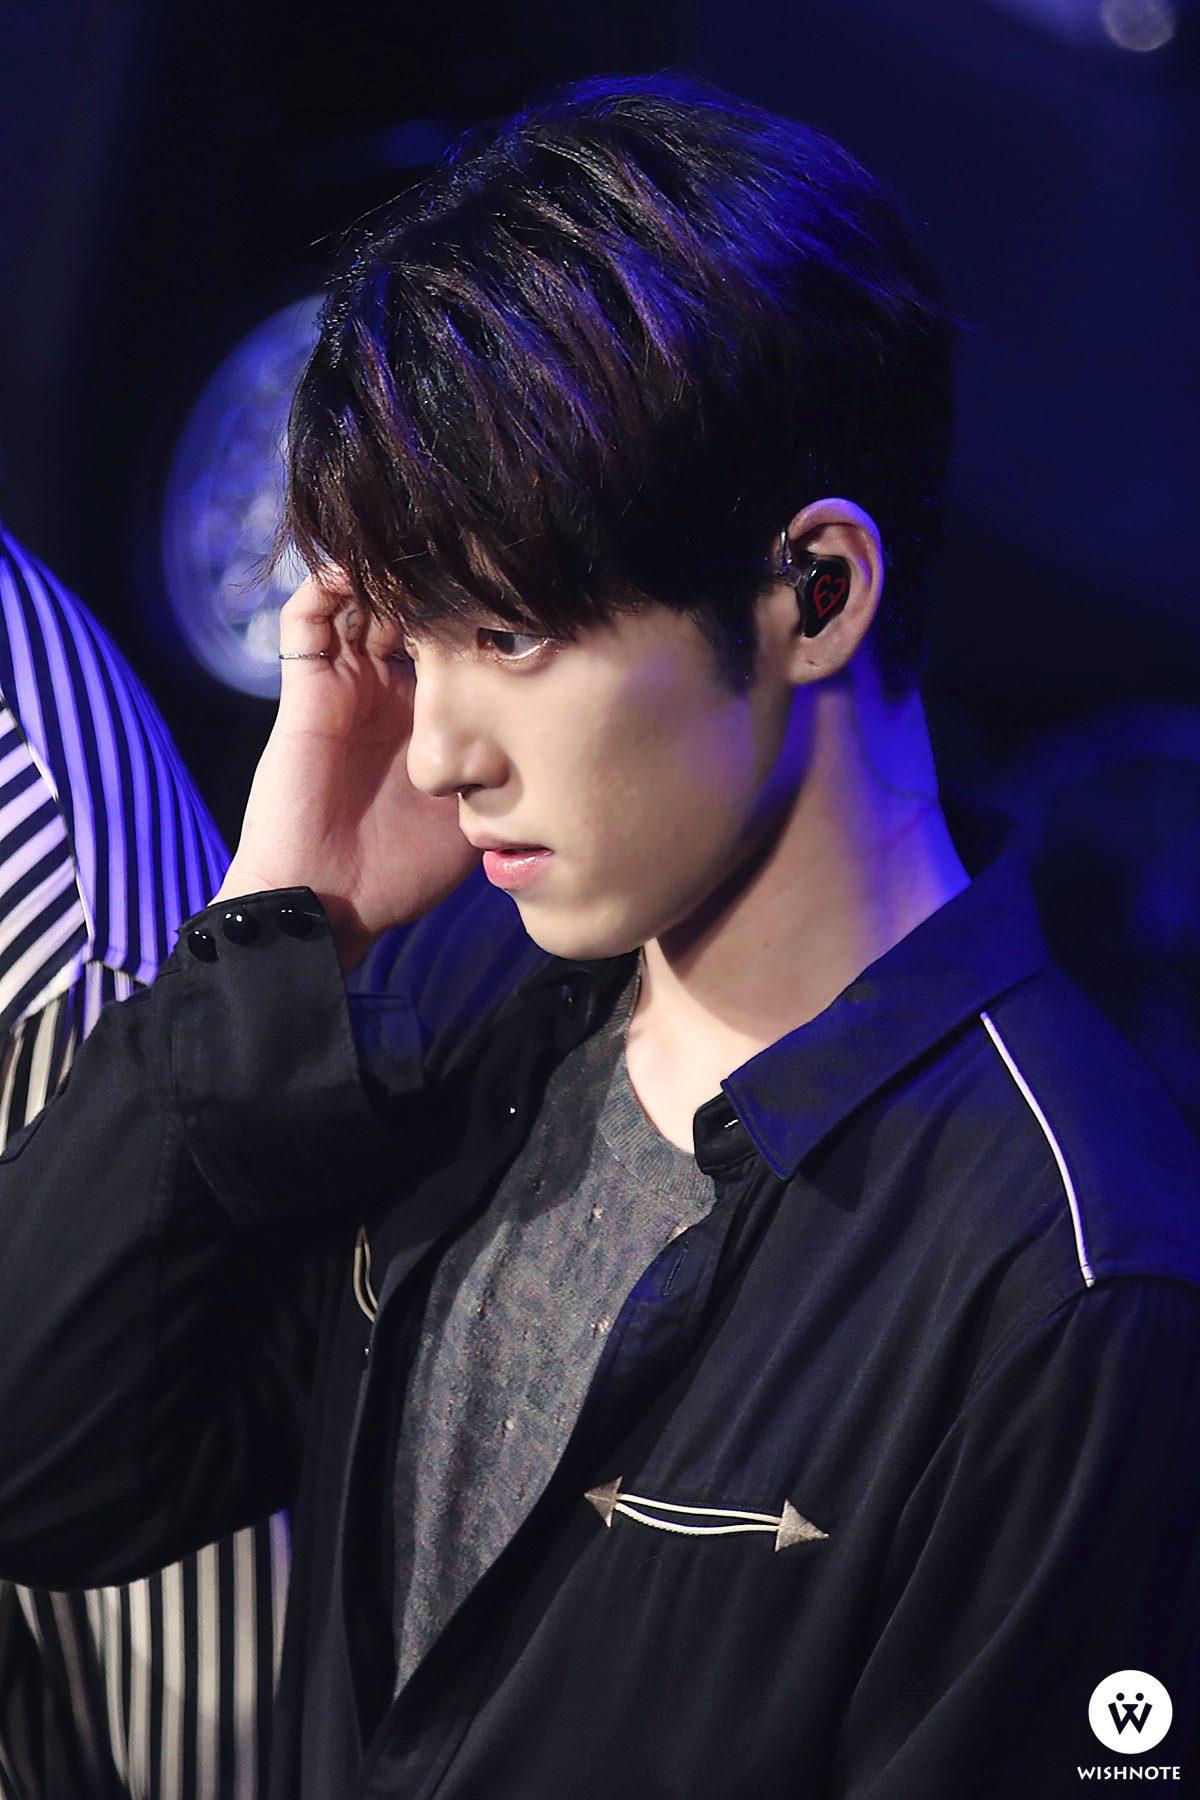 還有準備周杰倫的〈告白氣球〉 中文標準到不行 甜美的歌聲讓現場粉絲融化TAT